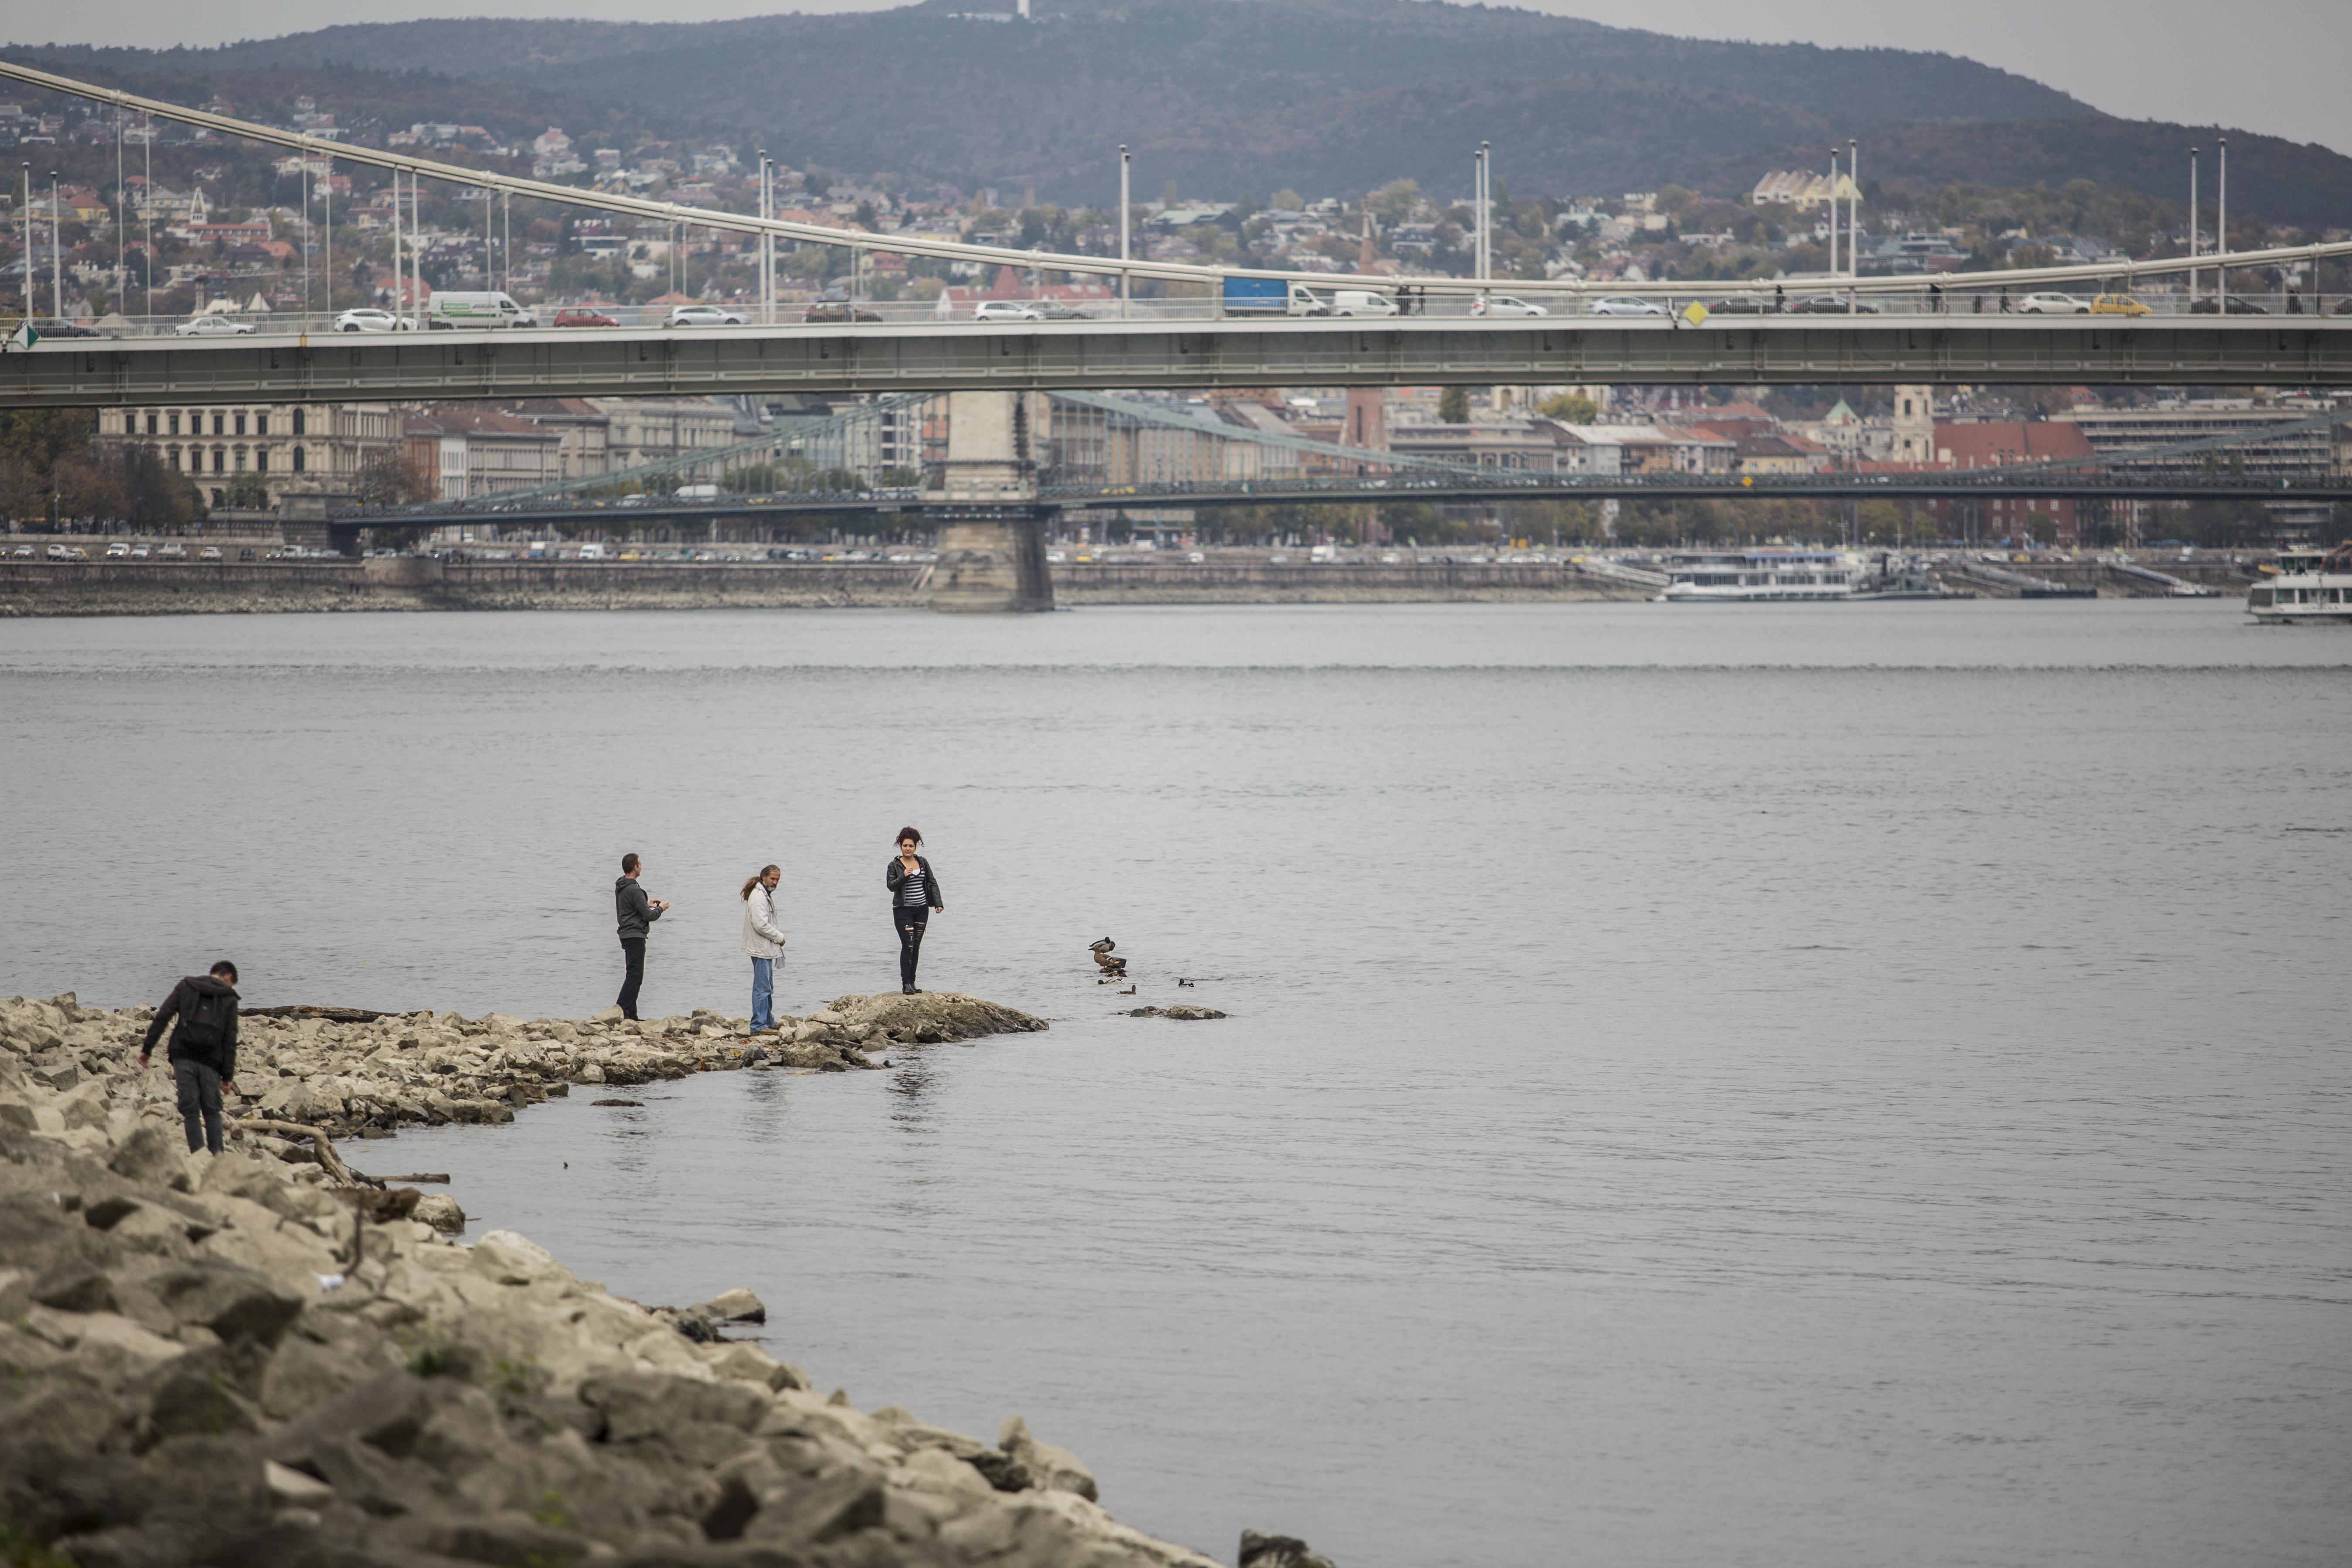 Súlyosan szennyezettek antibiotikummal a világ legnagyobb folyói, a Duna különösen az